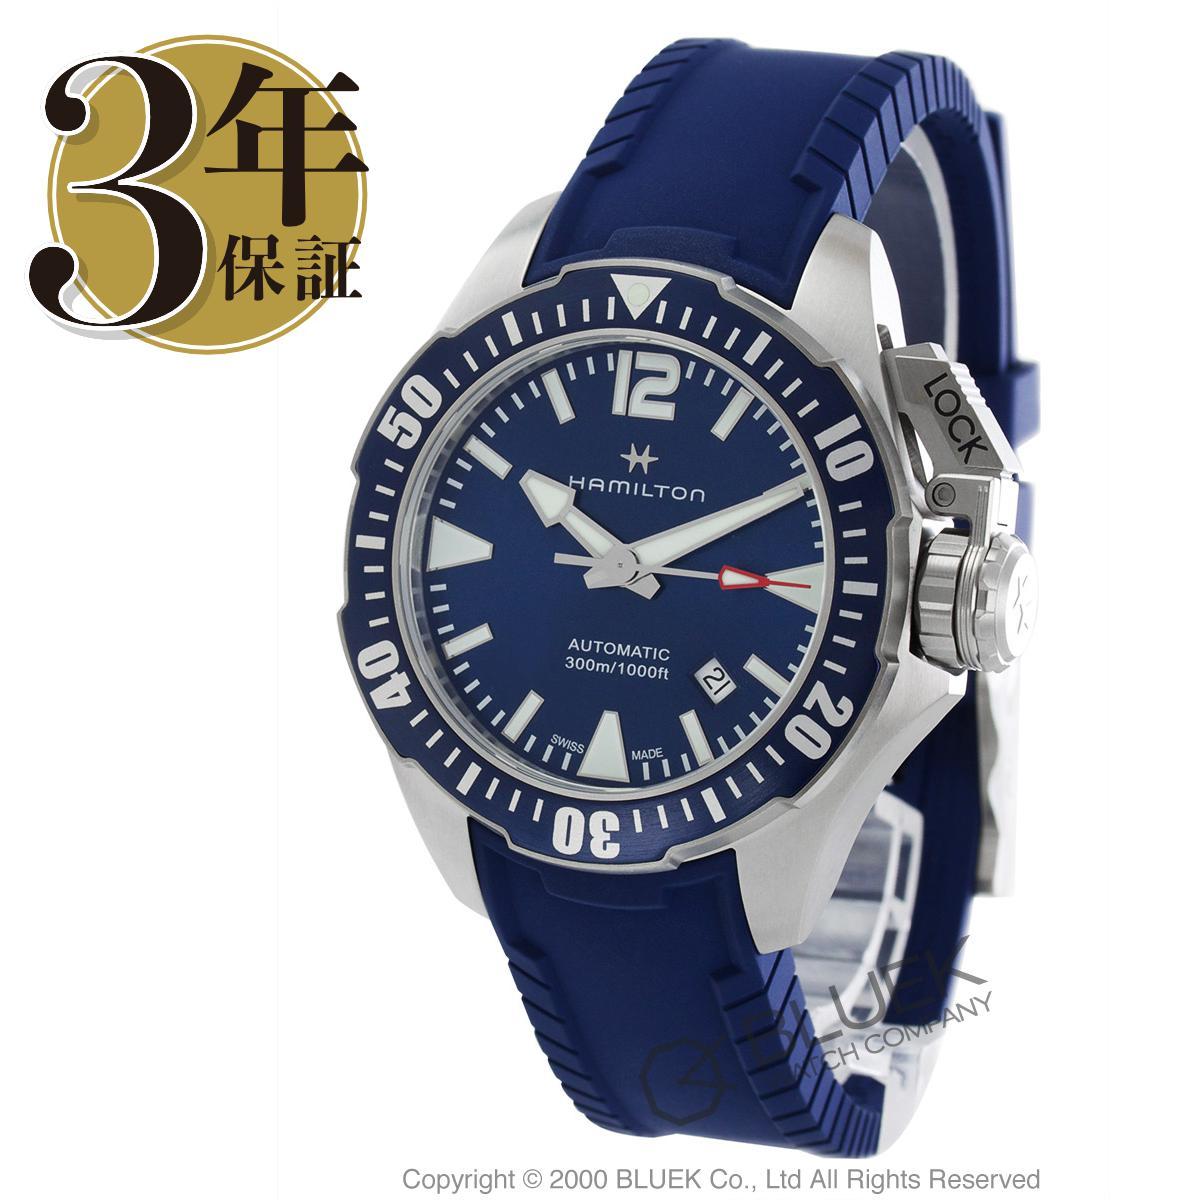 ハミルトン カーキ ネイビー オープンウォーター 300m防水 腕時計 メンズ HAMILTON H77705345_3